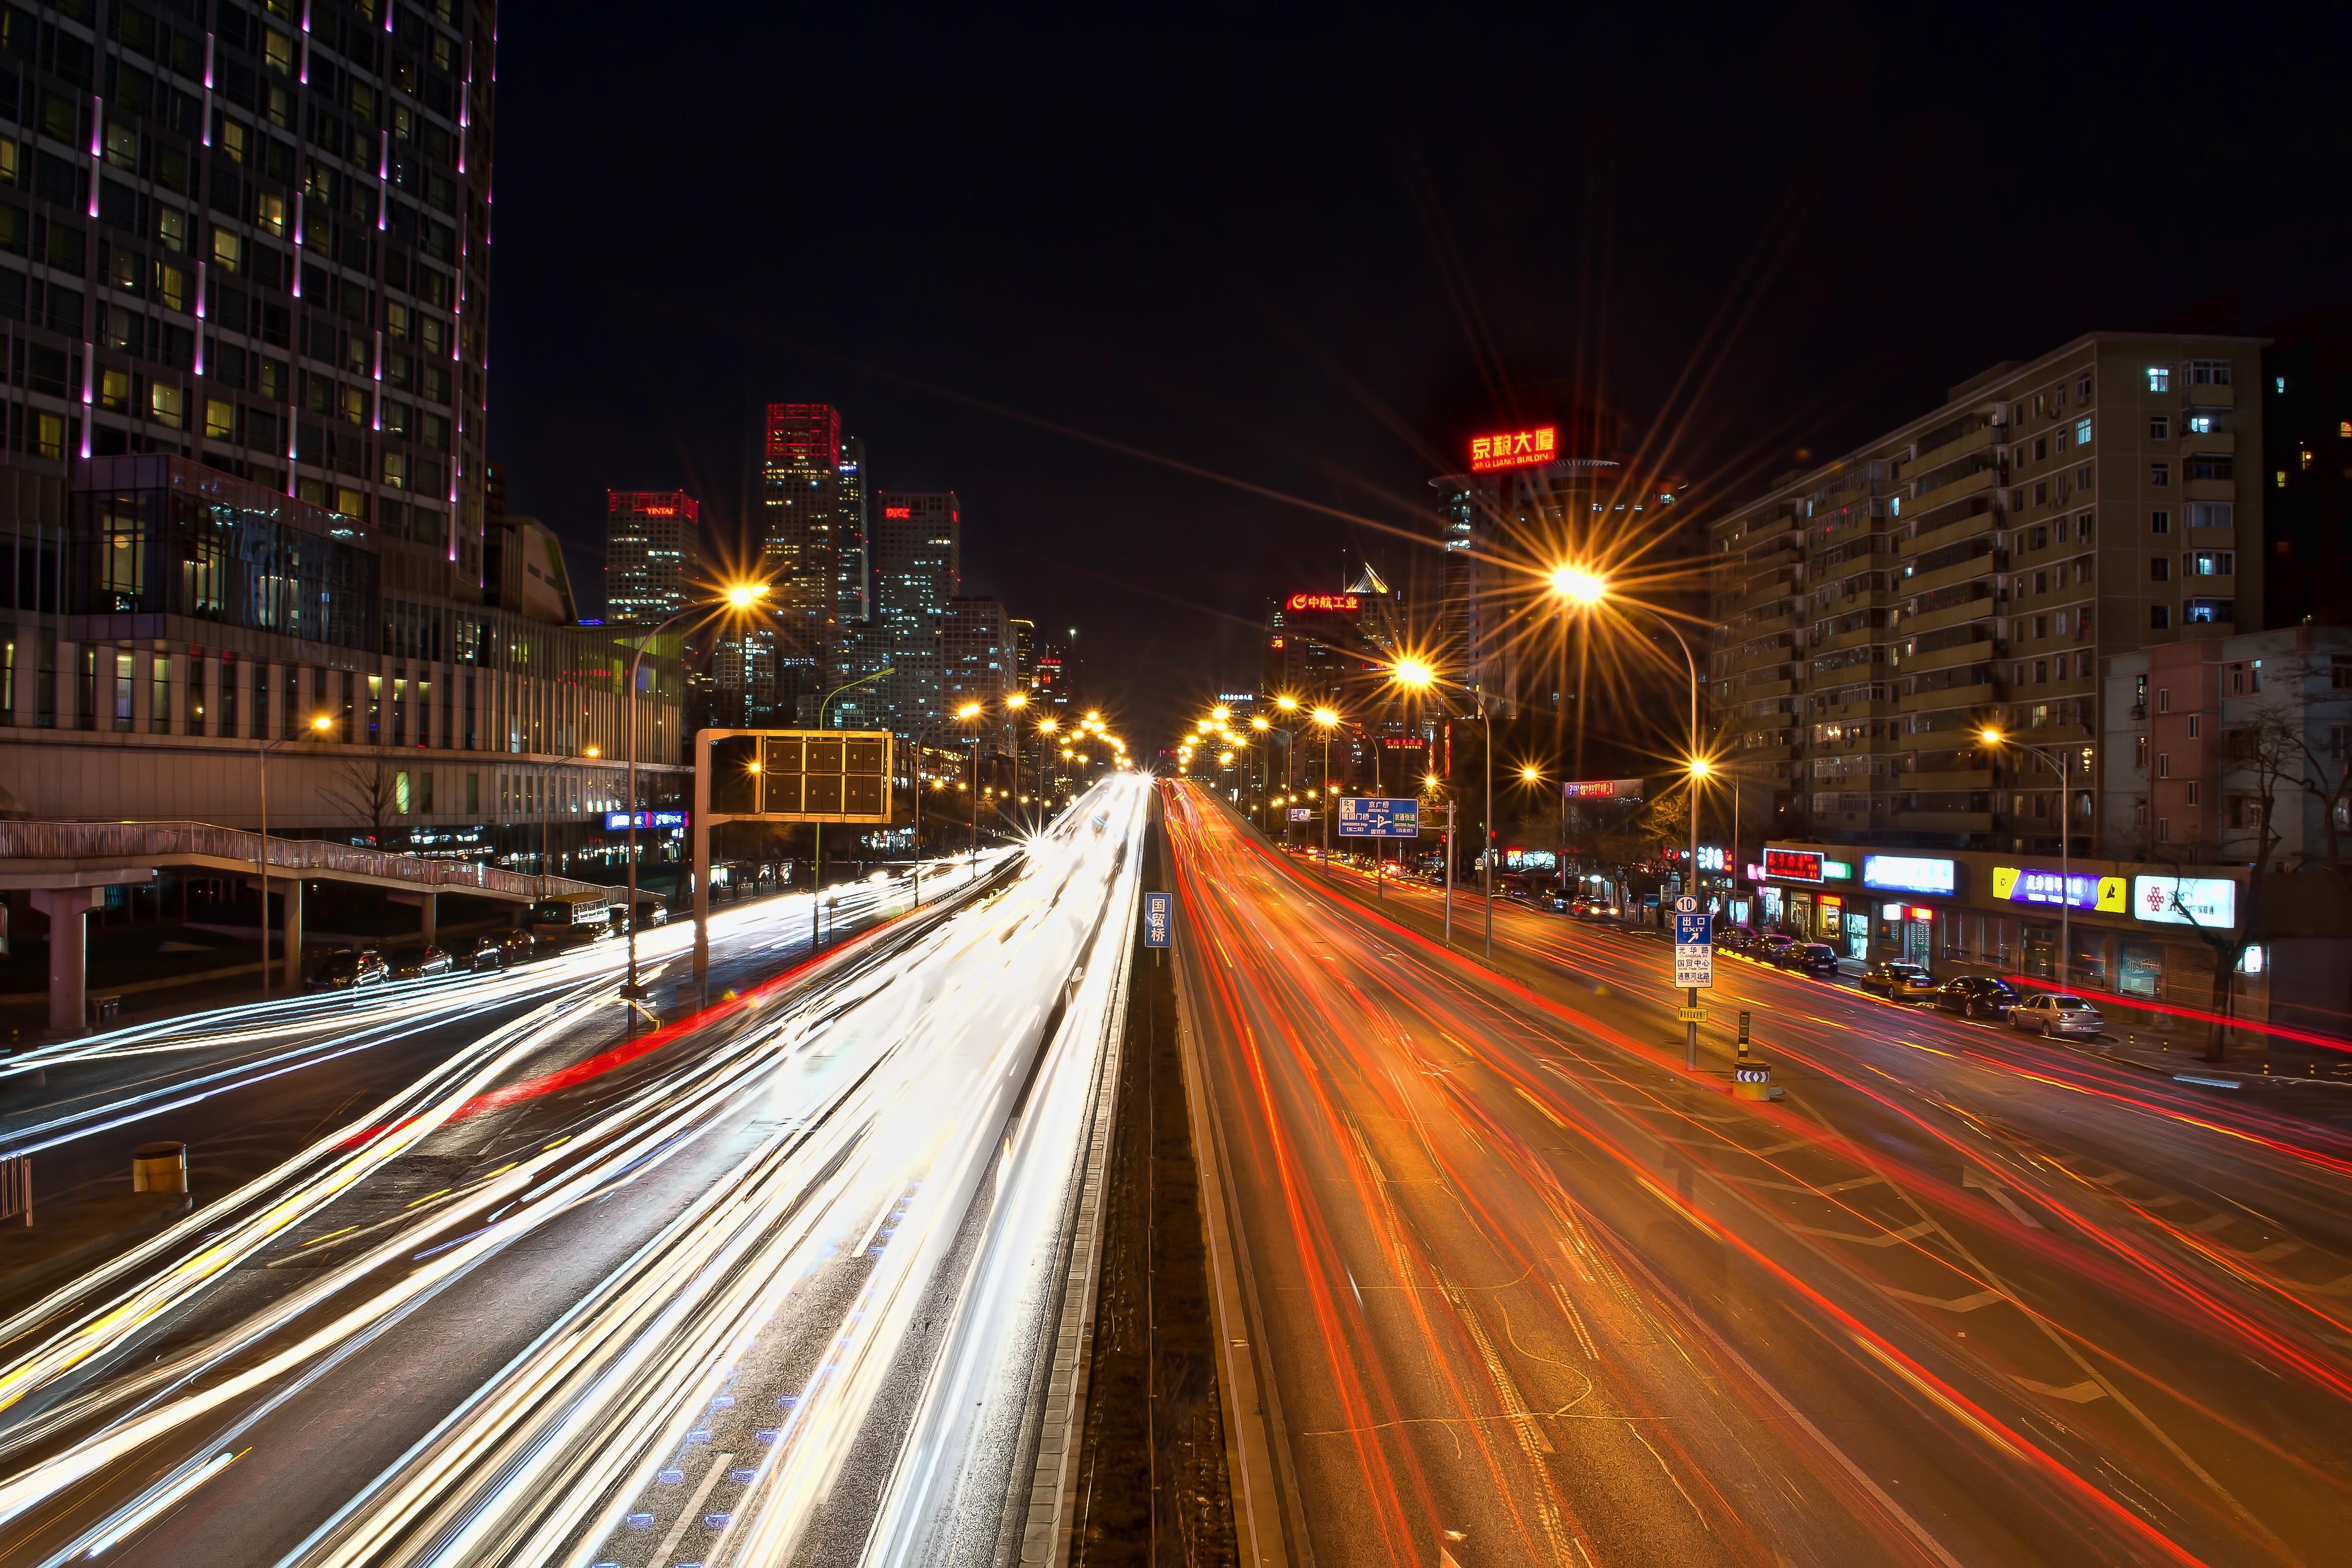 зеленом убранстве картинка висячий город и дорога поставляет продукцию